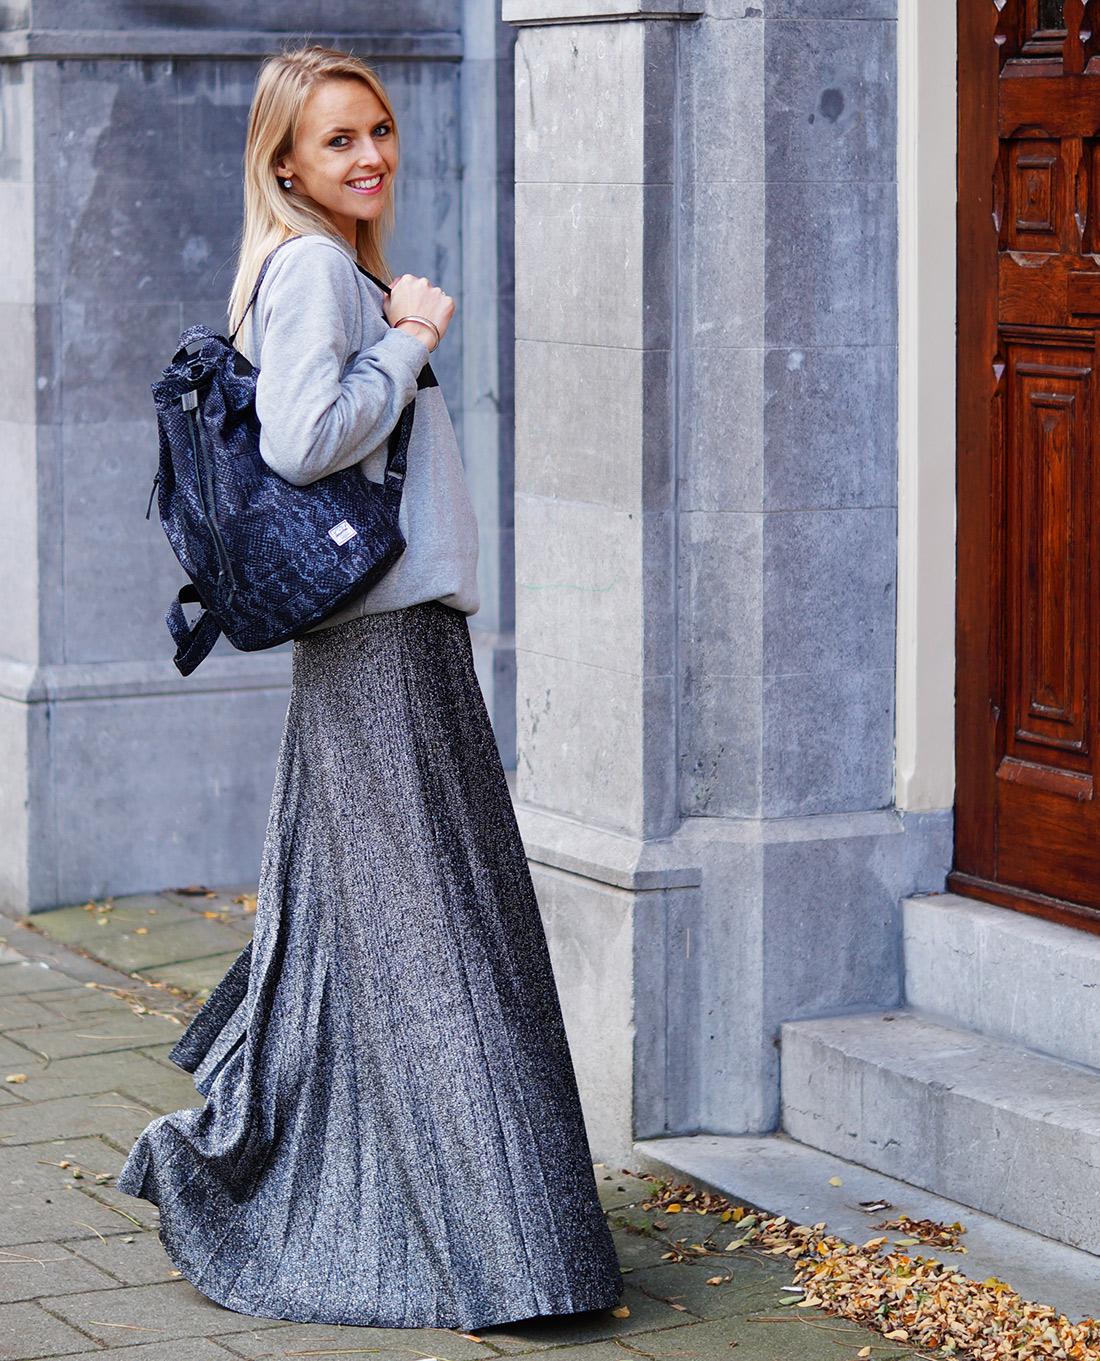 Bag-at-you---Fashion-blog---Herschel-Bag---Grey-outfit-favorite